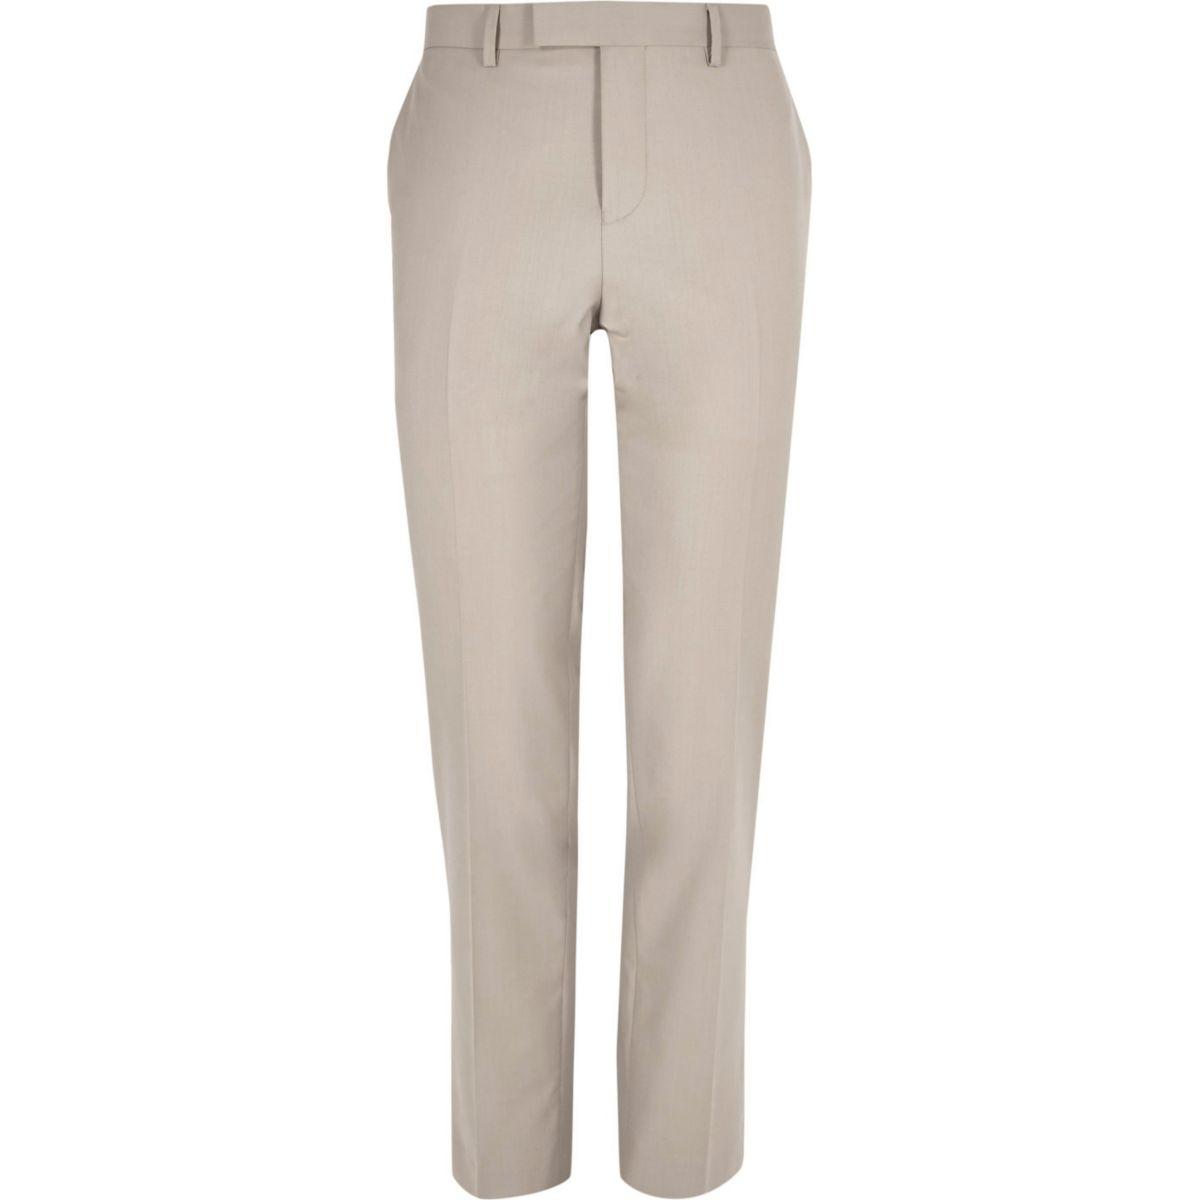 Beige slim fit suit trousers